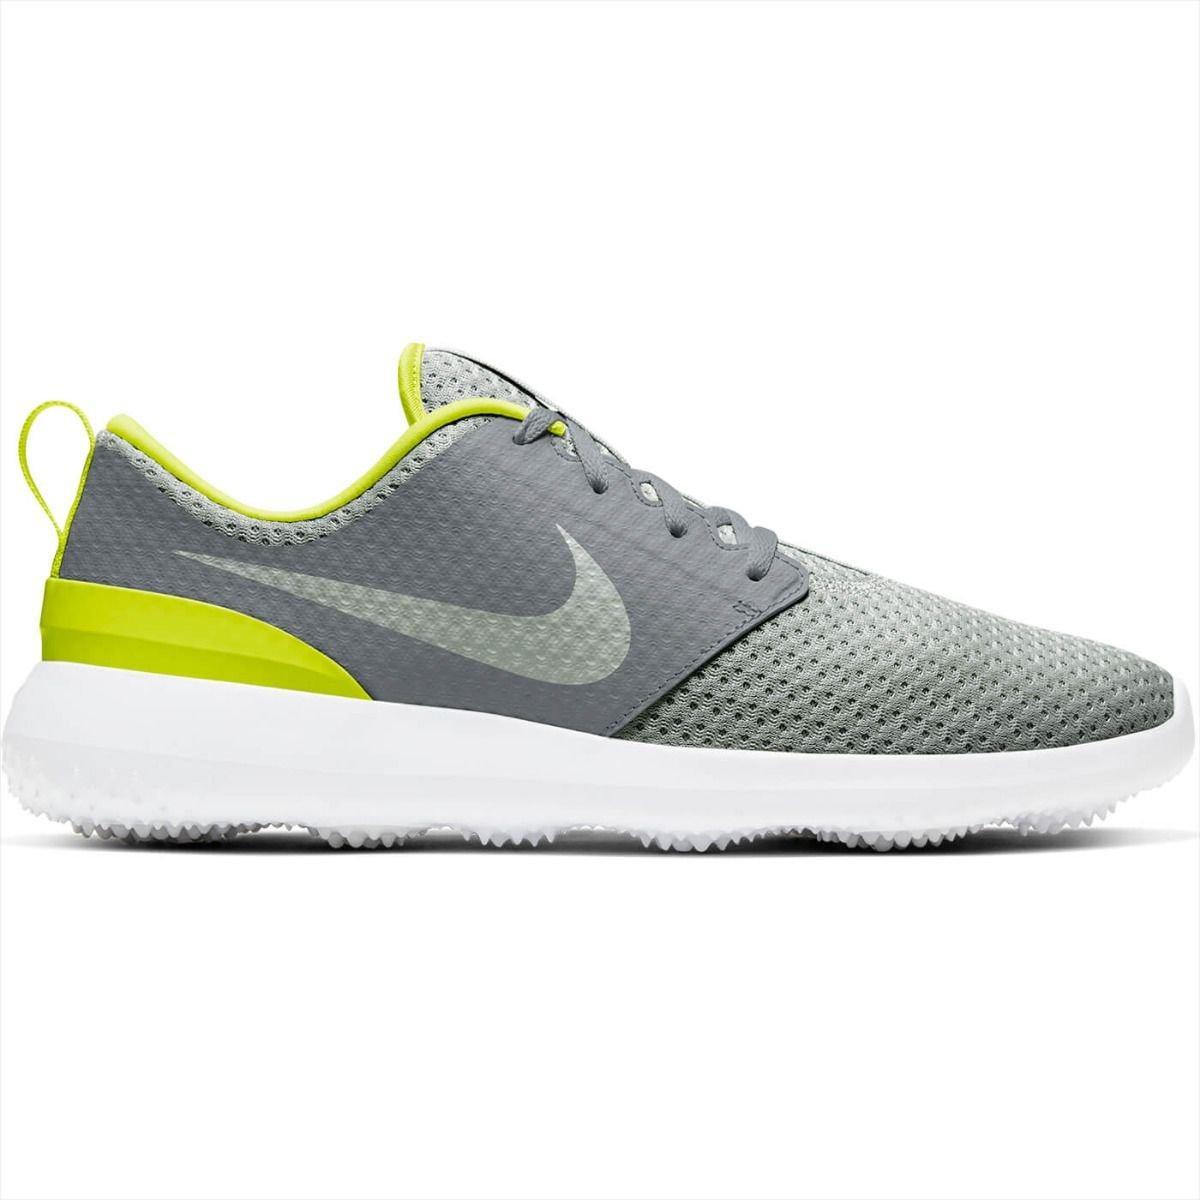 líder víctima desayuno  Nike Roshe G Golf Shoes 2020 Smoke Grey/White/Lemon Venom/Grey Fog - Carl's  Golfland